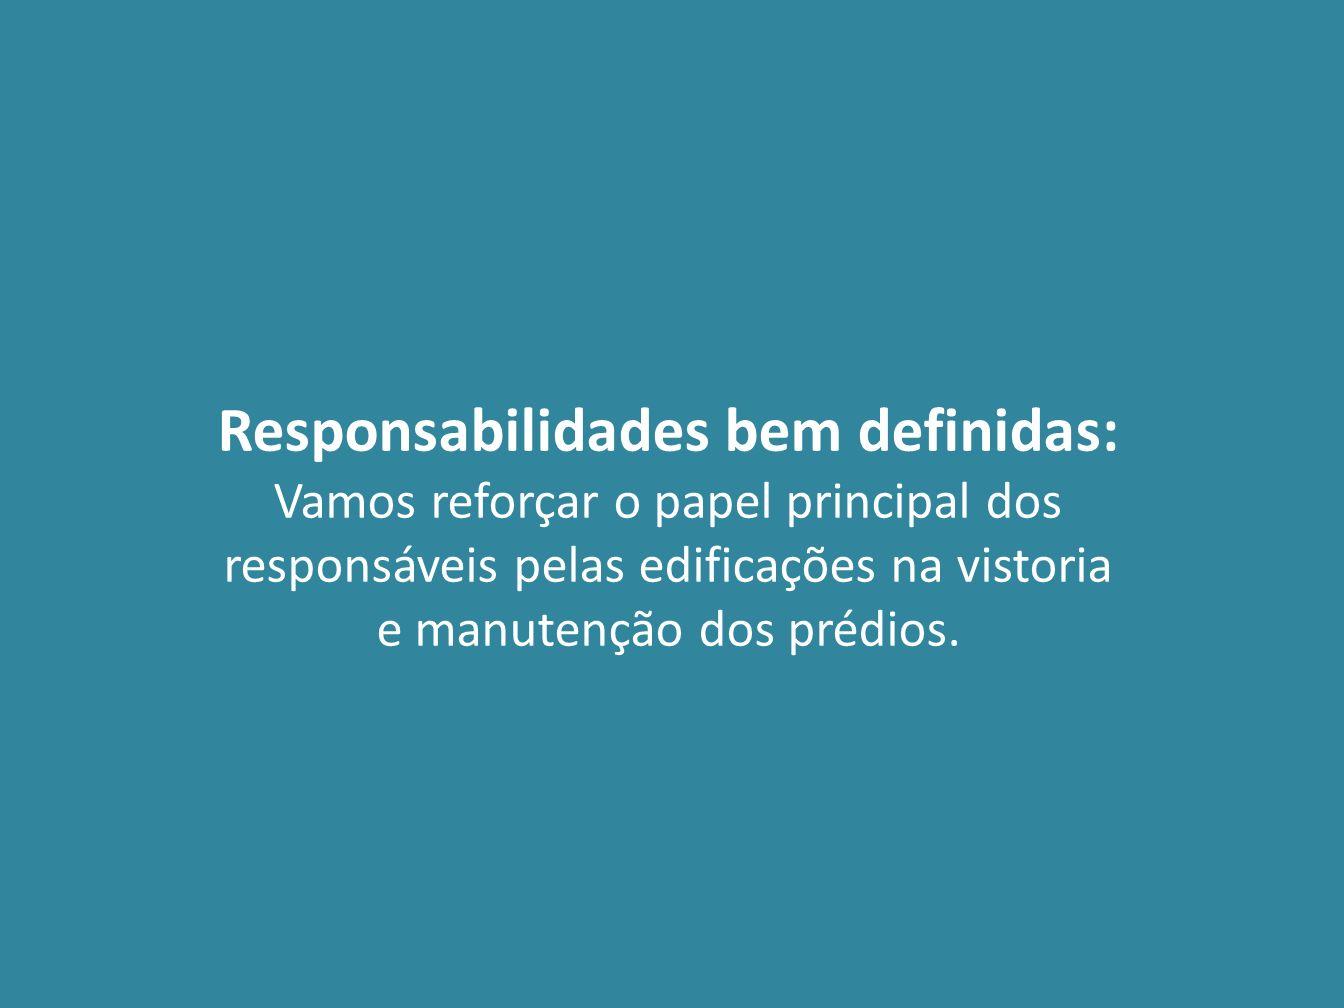 Responsabilidades bem definidas: Vamos reforçar o papel principal dos responsáveis pelas edificações na vistoria e manutenção dos prédios.